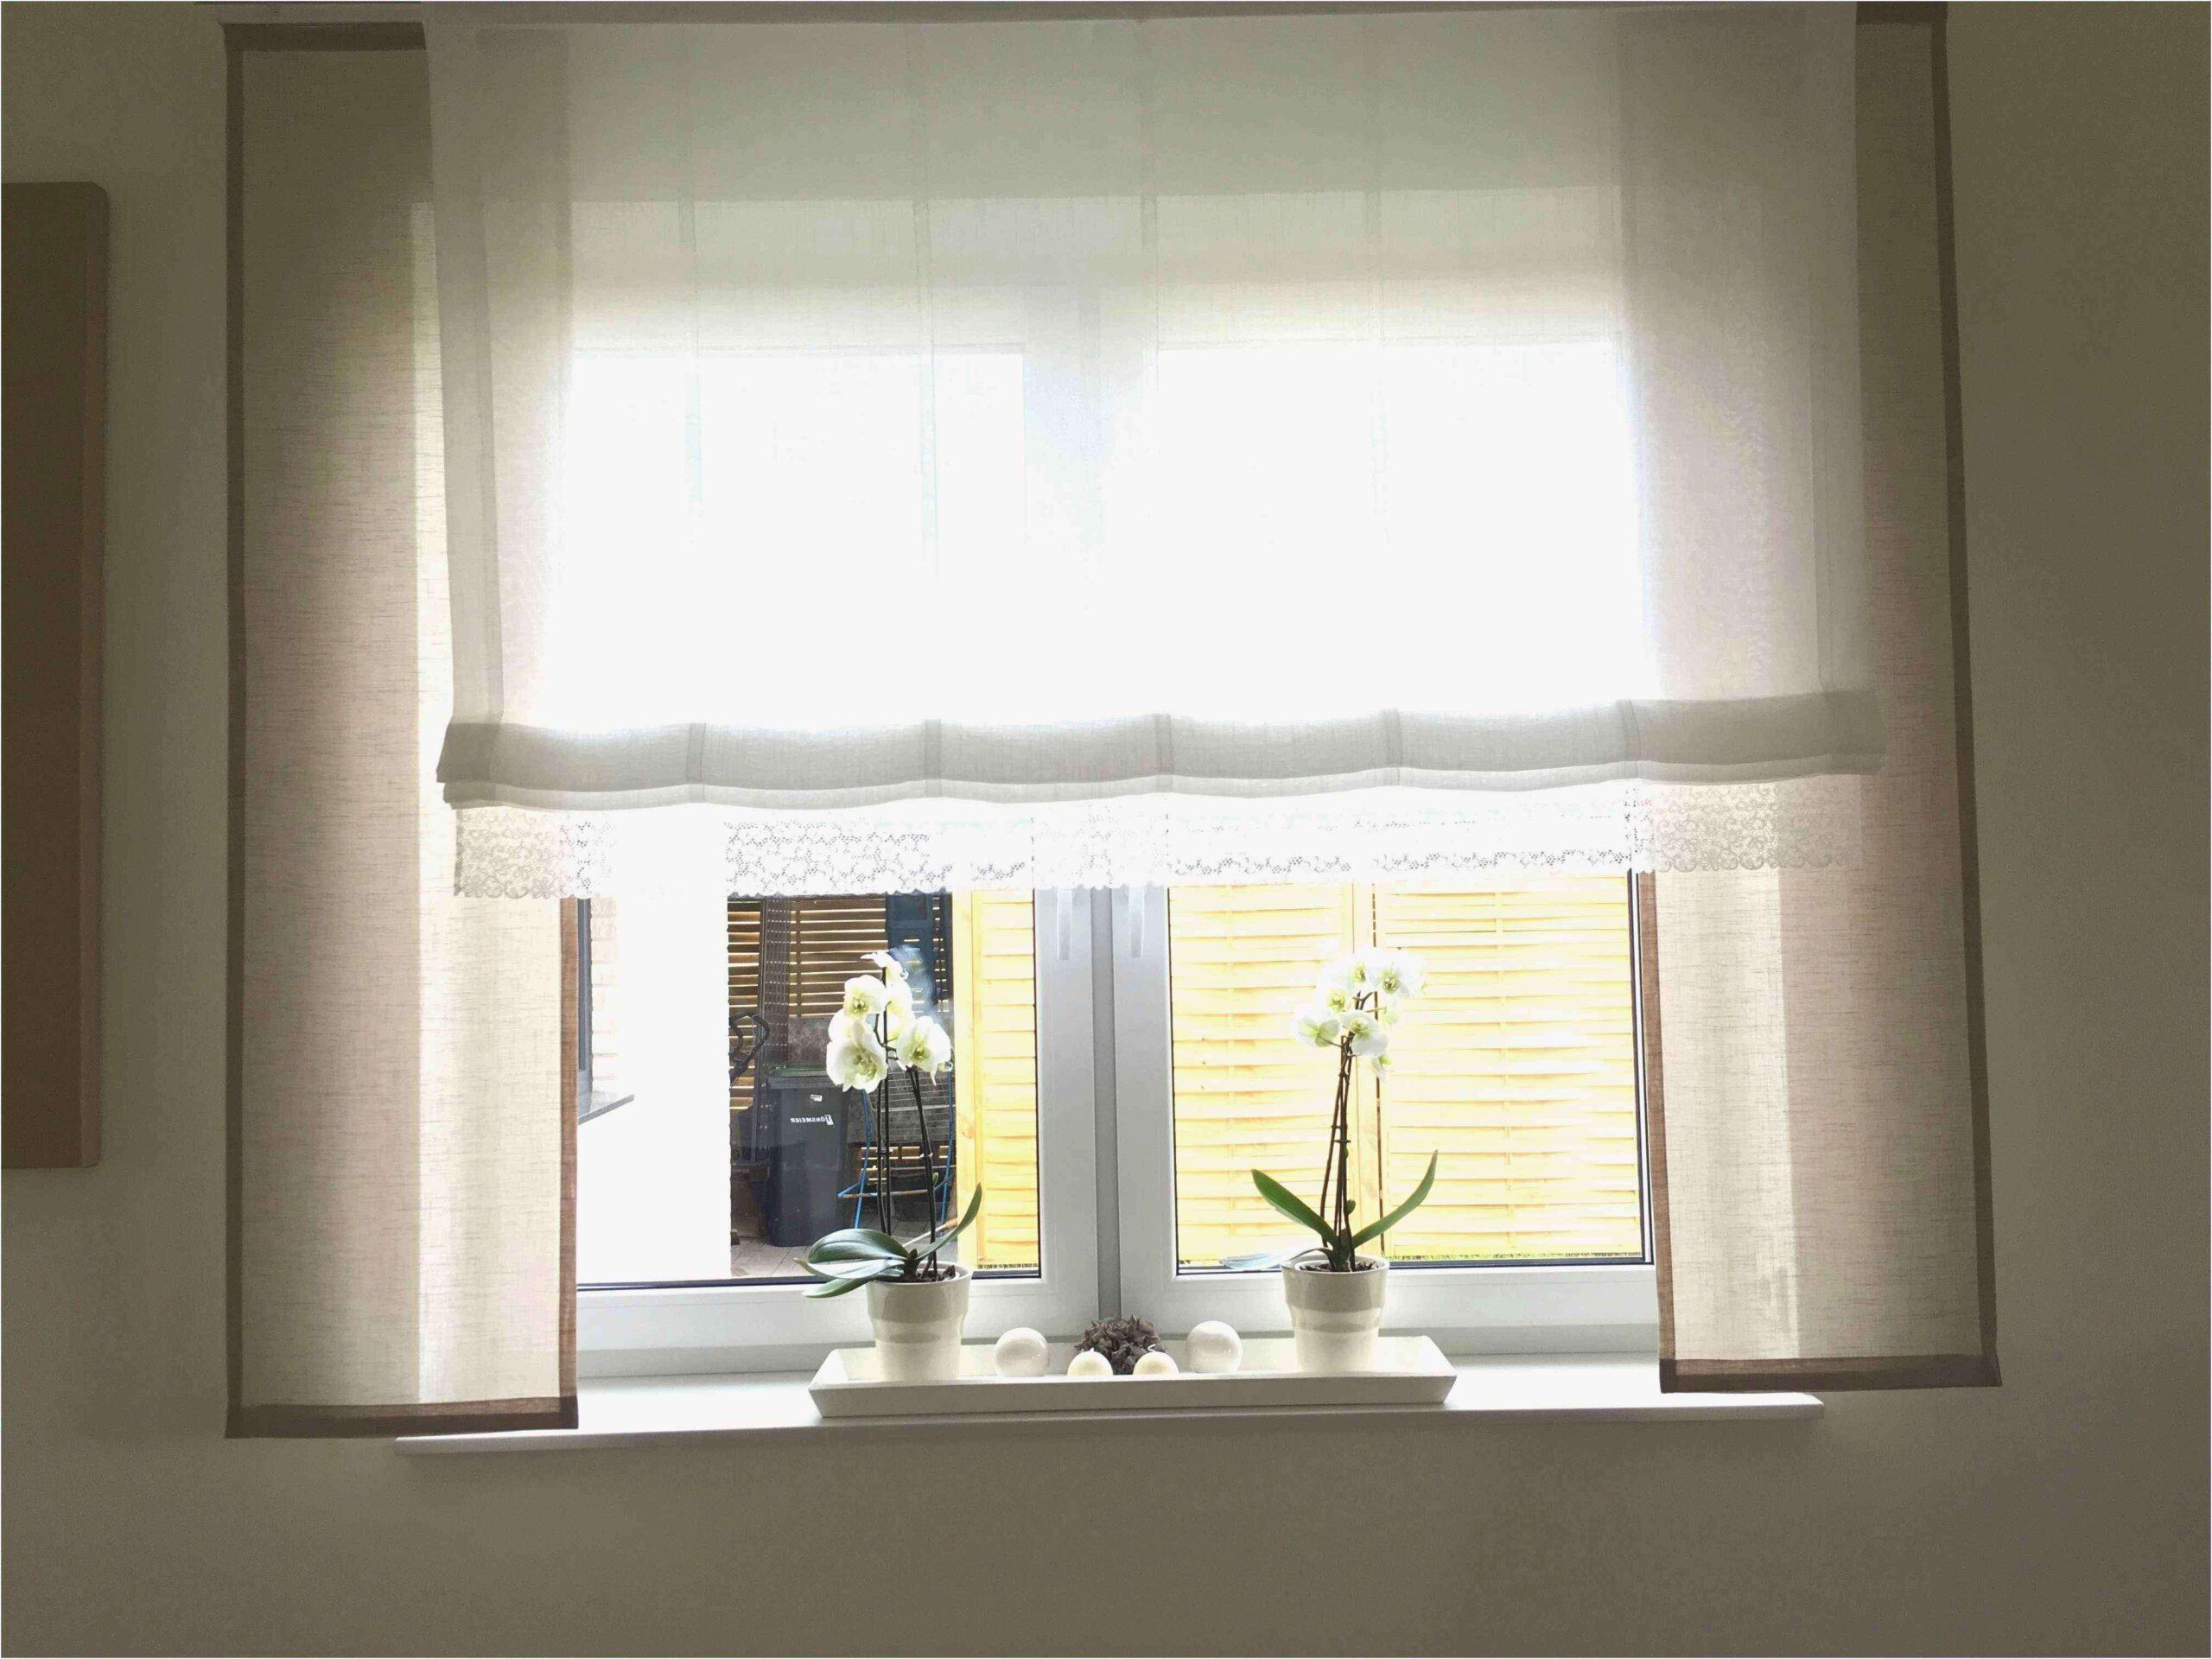 Full Size of Küchenfenster Gardine Gardinen Am Fenster Alternative Zu E Küche Wohnzimmer Für Schlafzimmer Scheibengardinen Die Wohnzimmer Küchenfenster Gardine